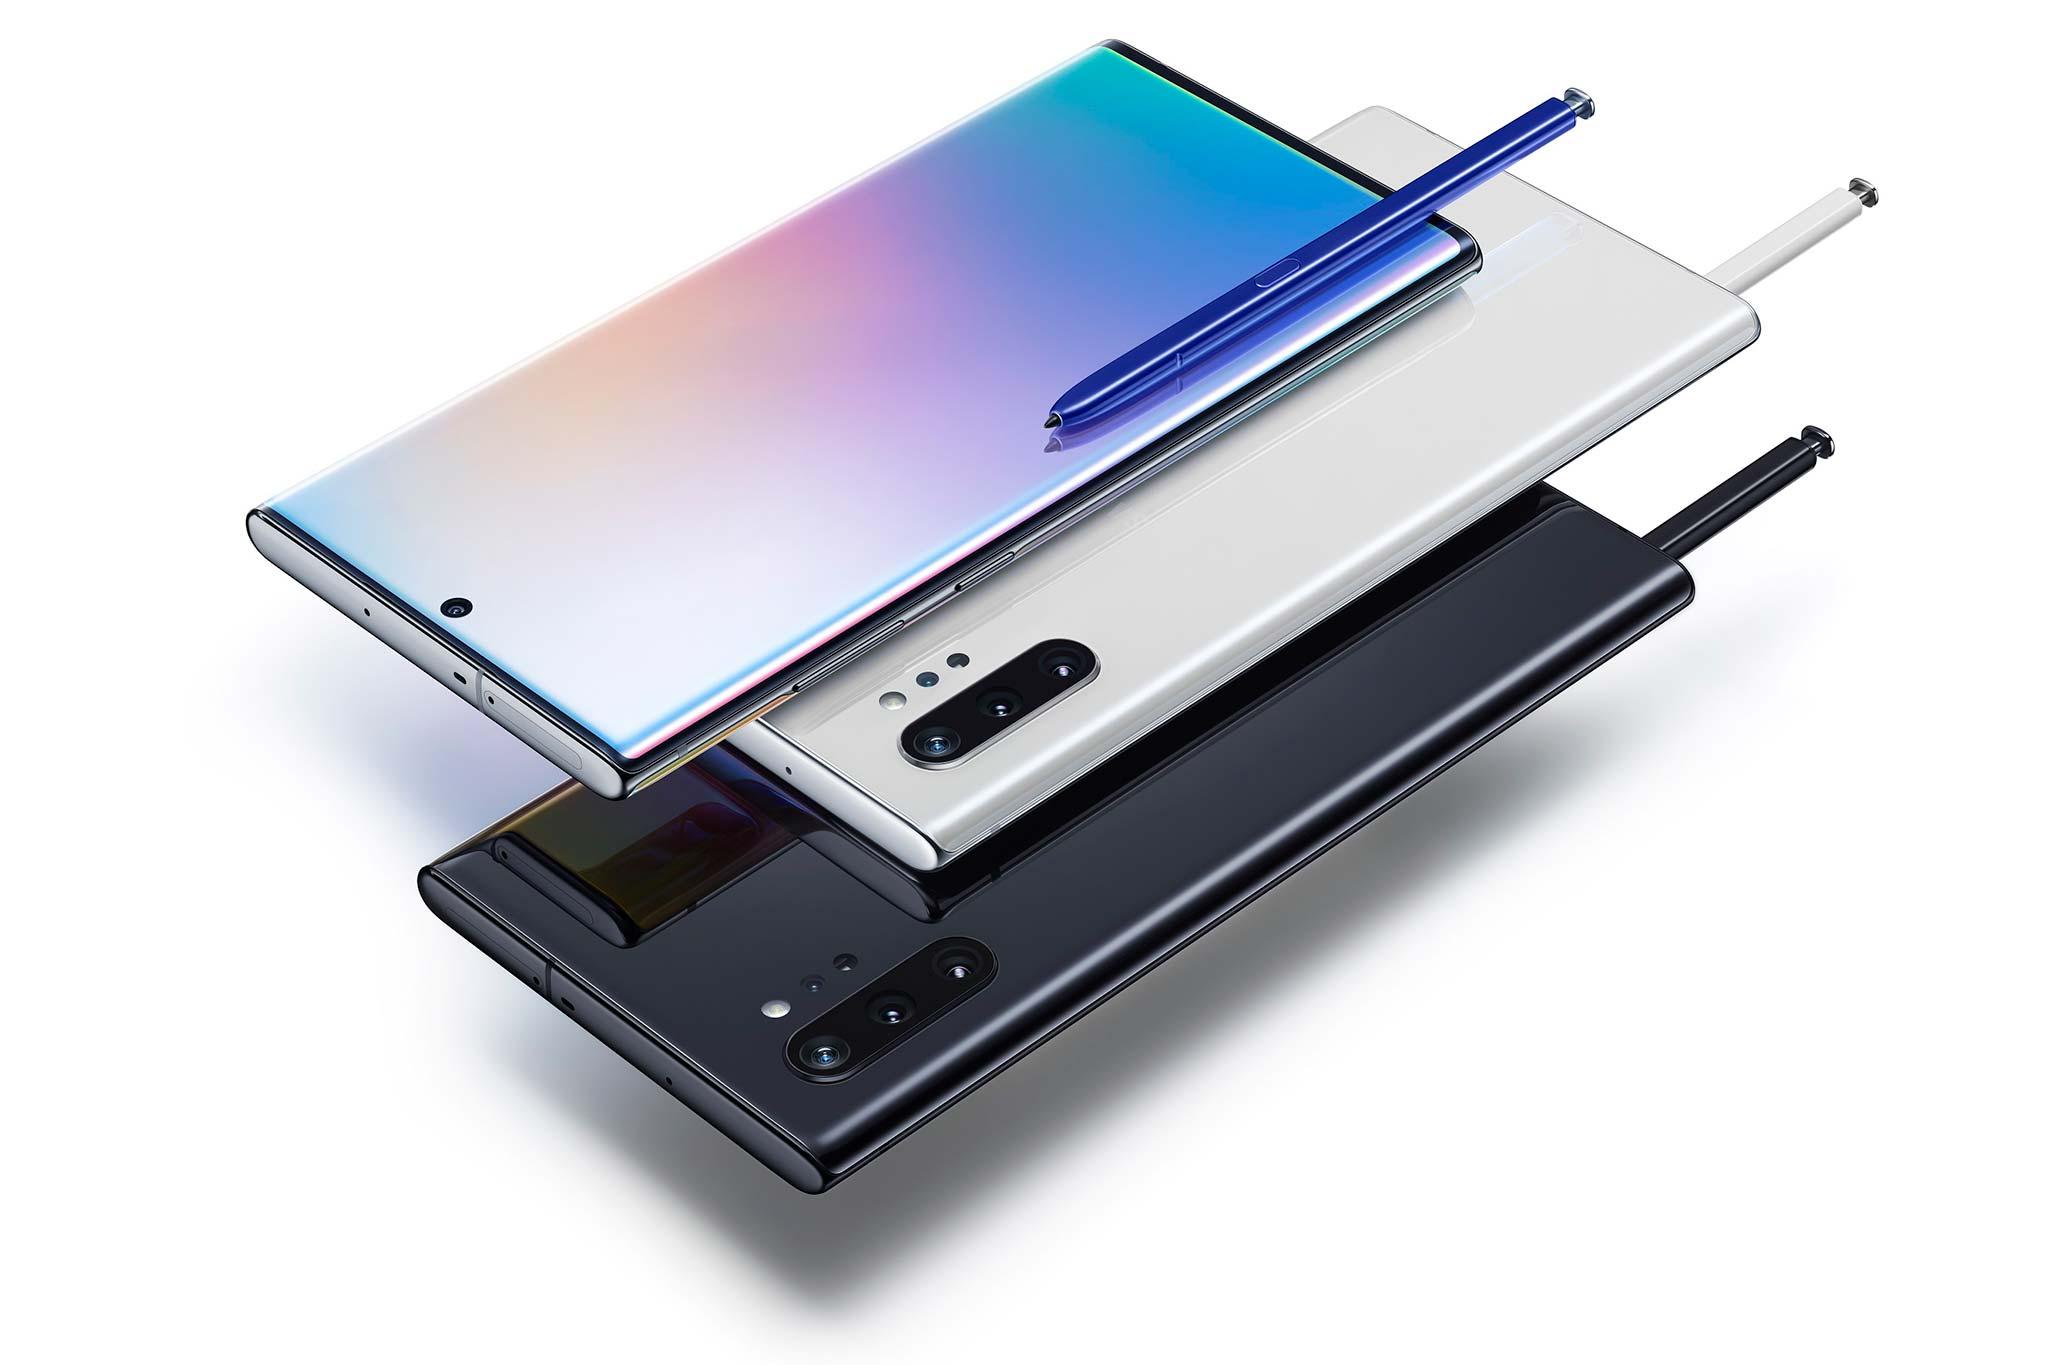 4739584_Note10_Color-KV_2P_190725-1 Galaxy Note 10/10 Plus chính thức ra mắt: có bản 5G, giá từ $949 - Sự cải tiến về những trải nghiệm